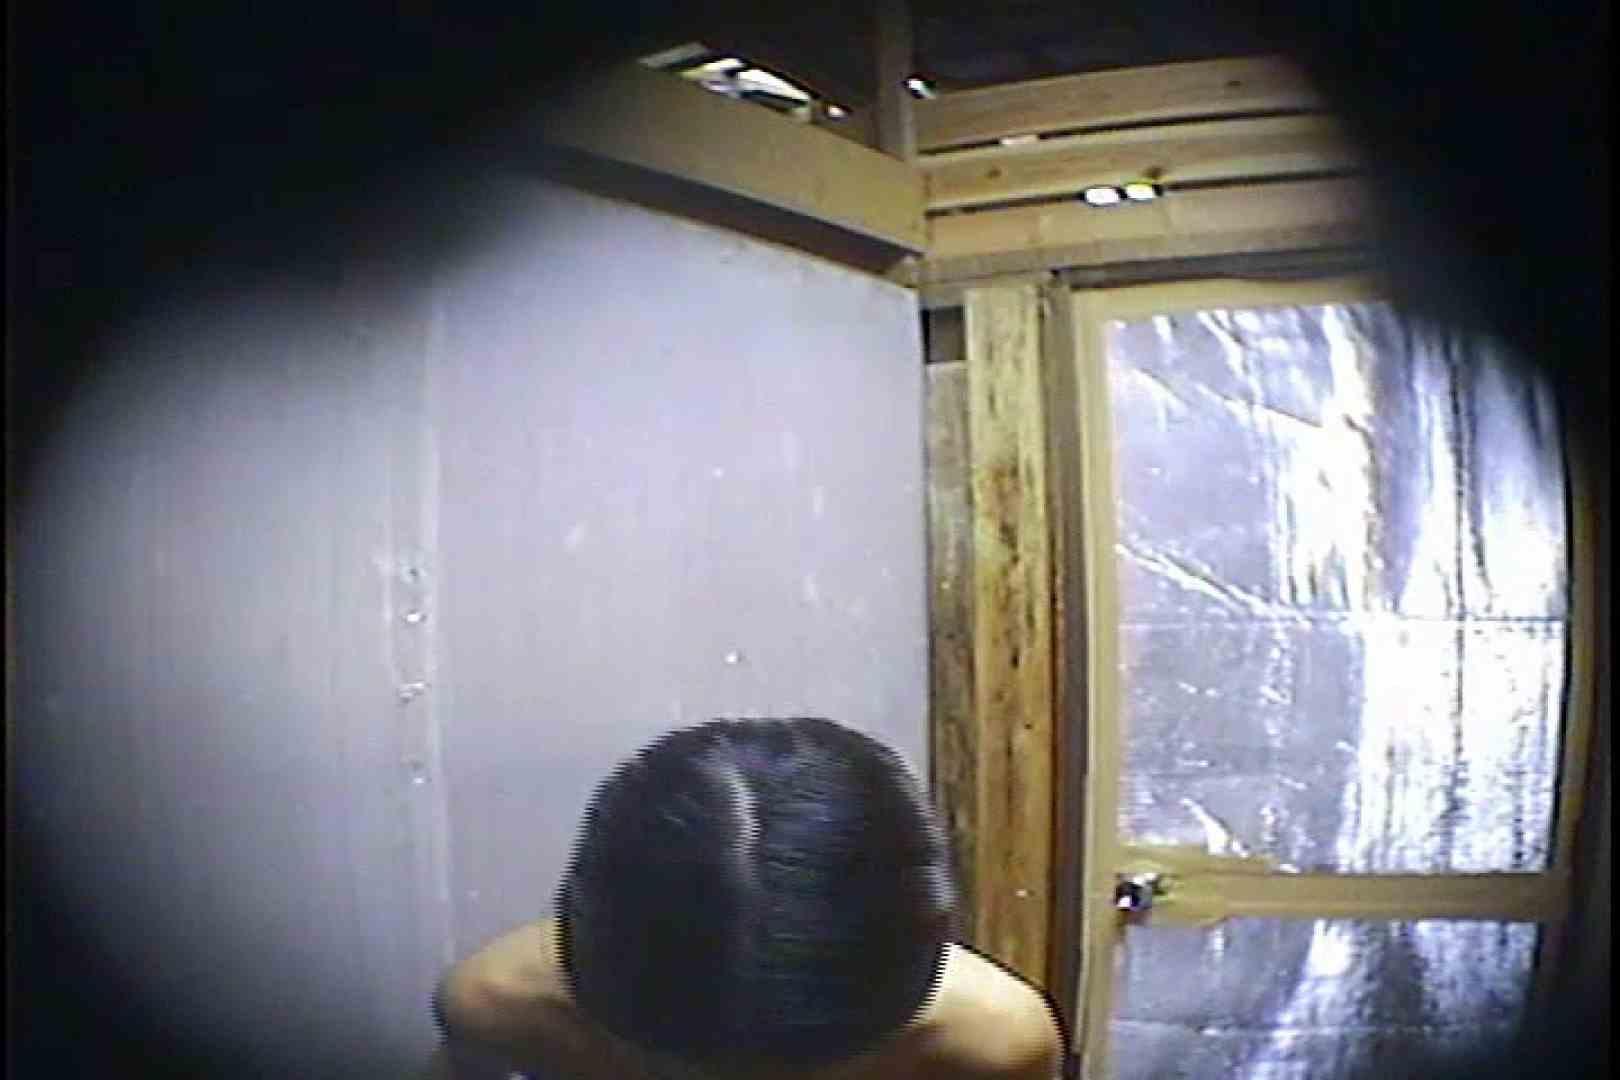 海の家の更衣室 Vol.45 日焼けした肌 アダルト動画キャプチャ 79画像 77